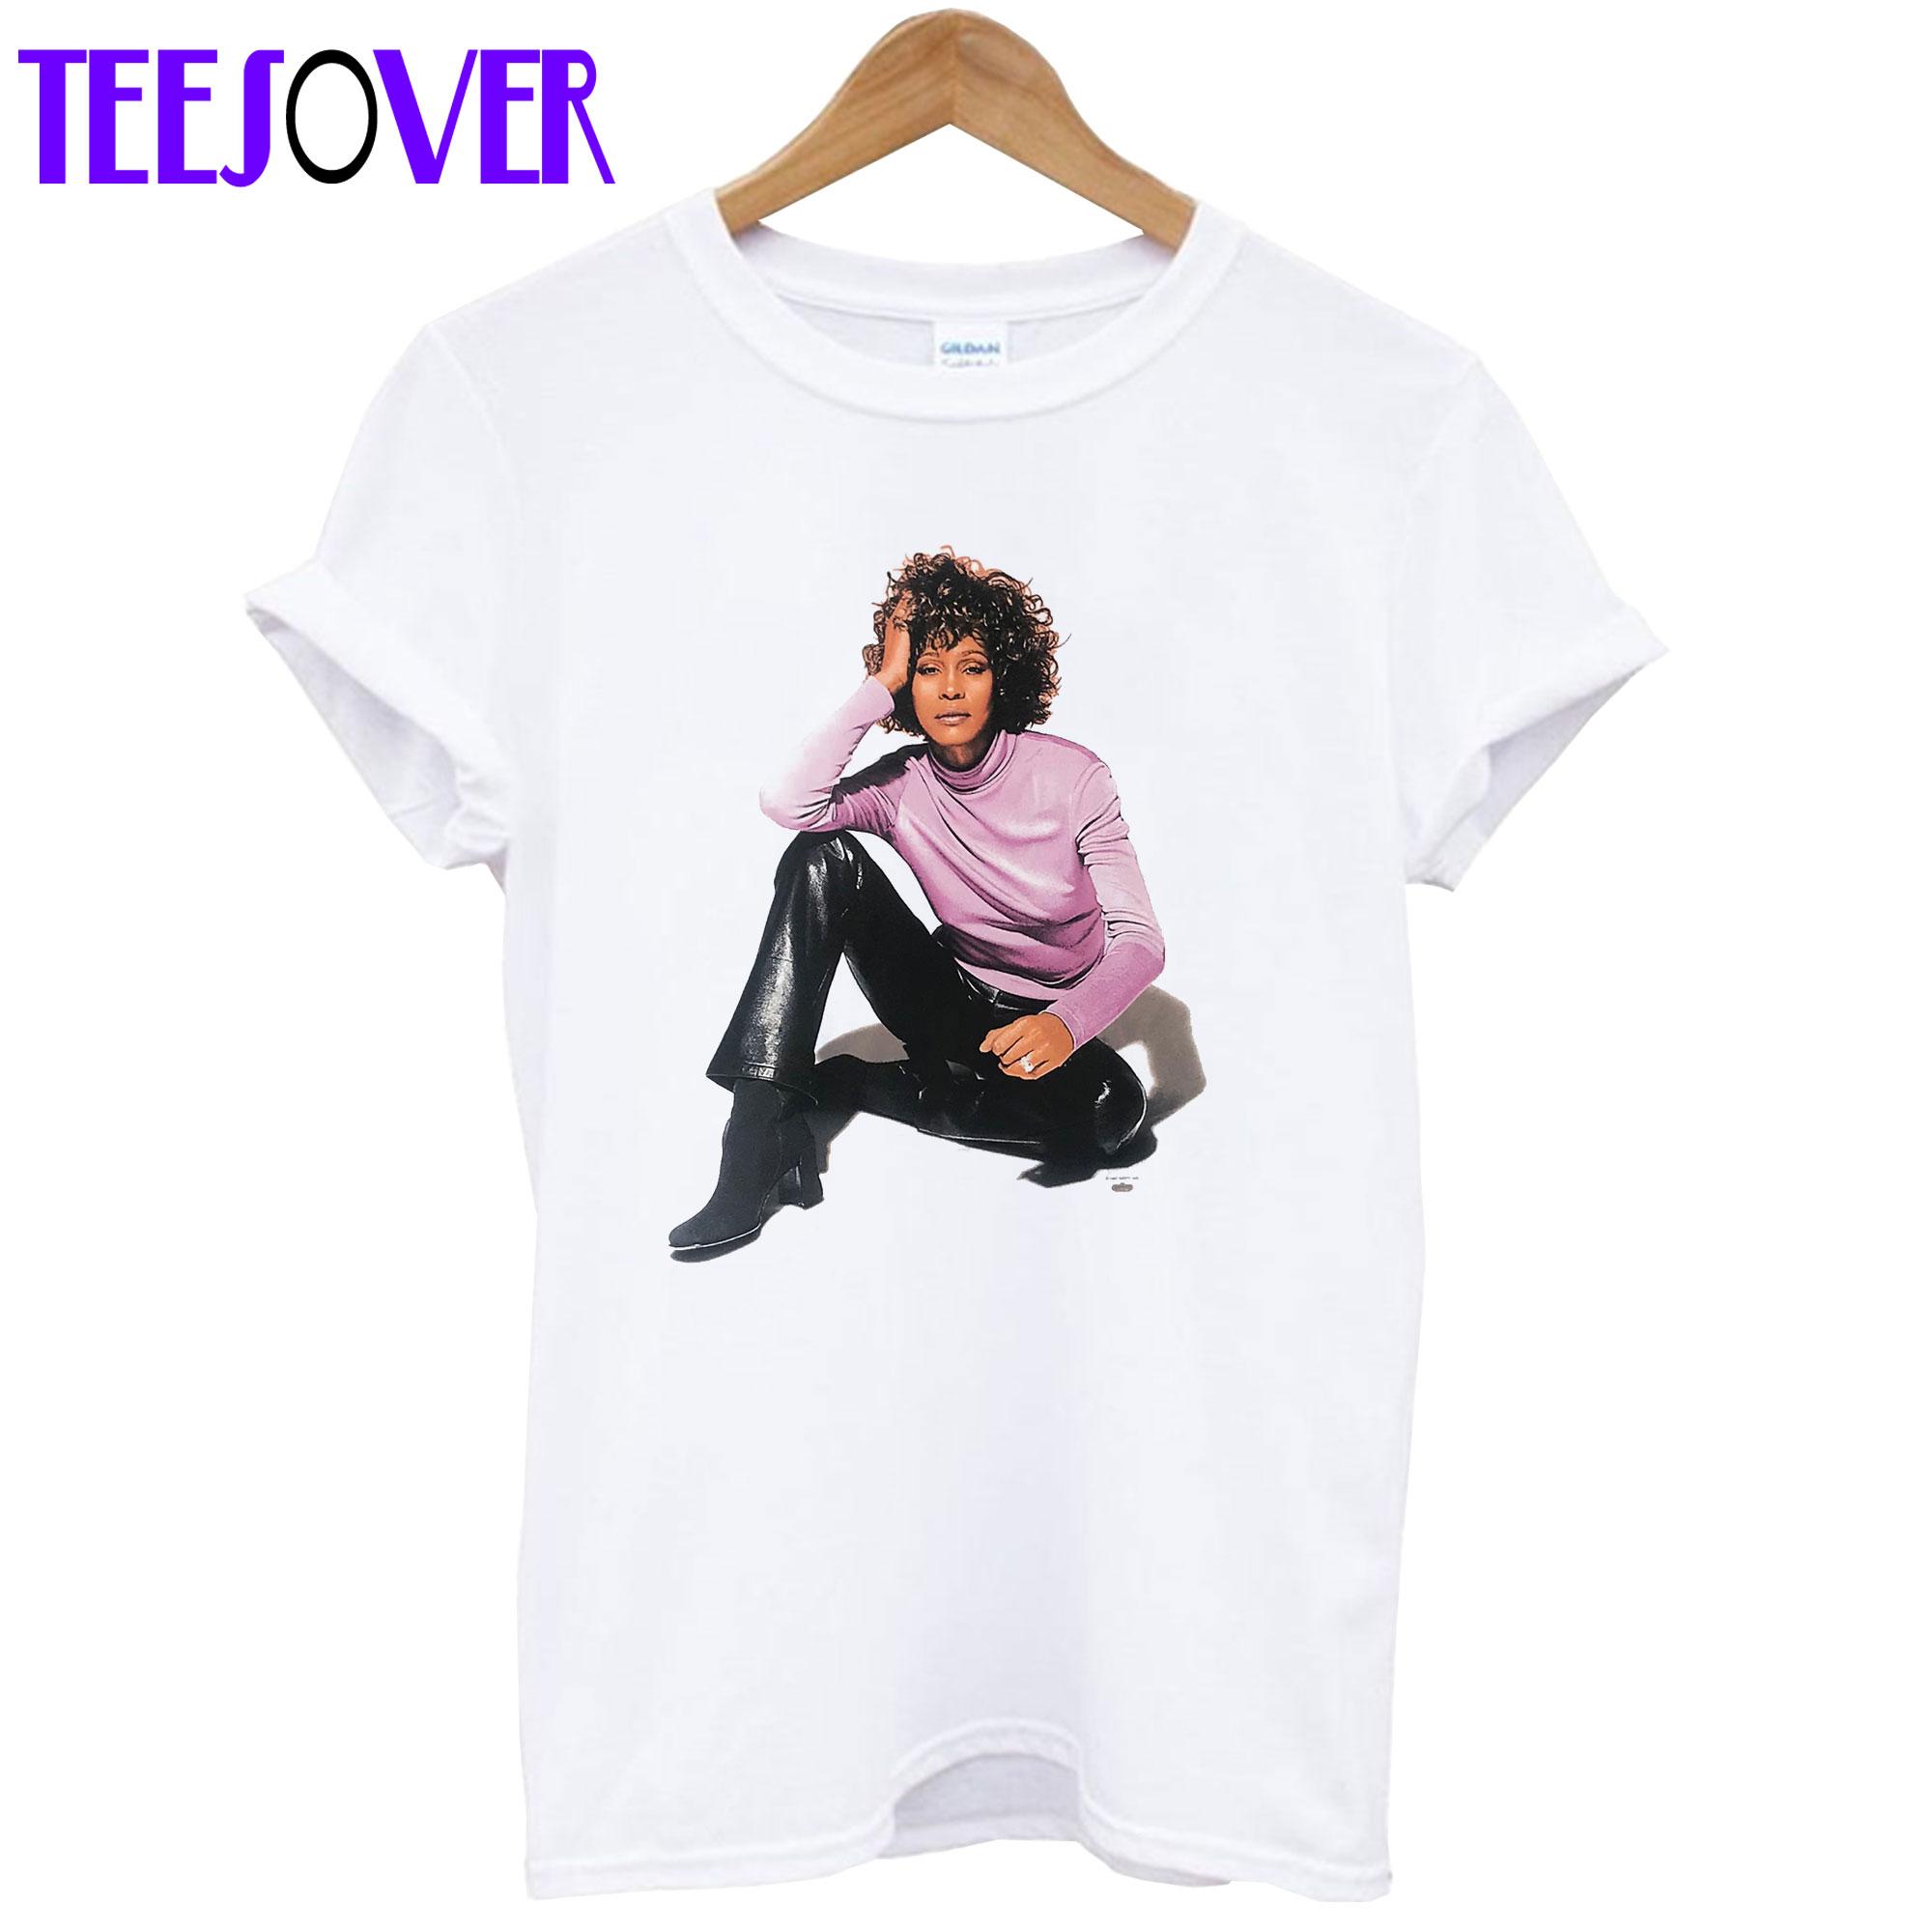 1997 Whitney Houston World Tour Vintage T-Shirt